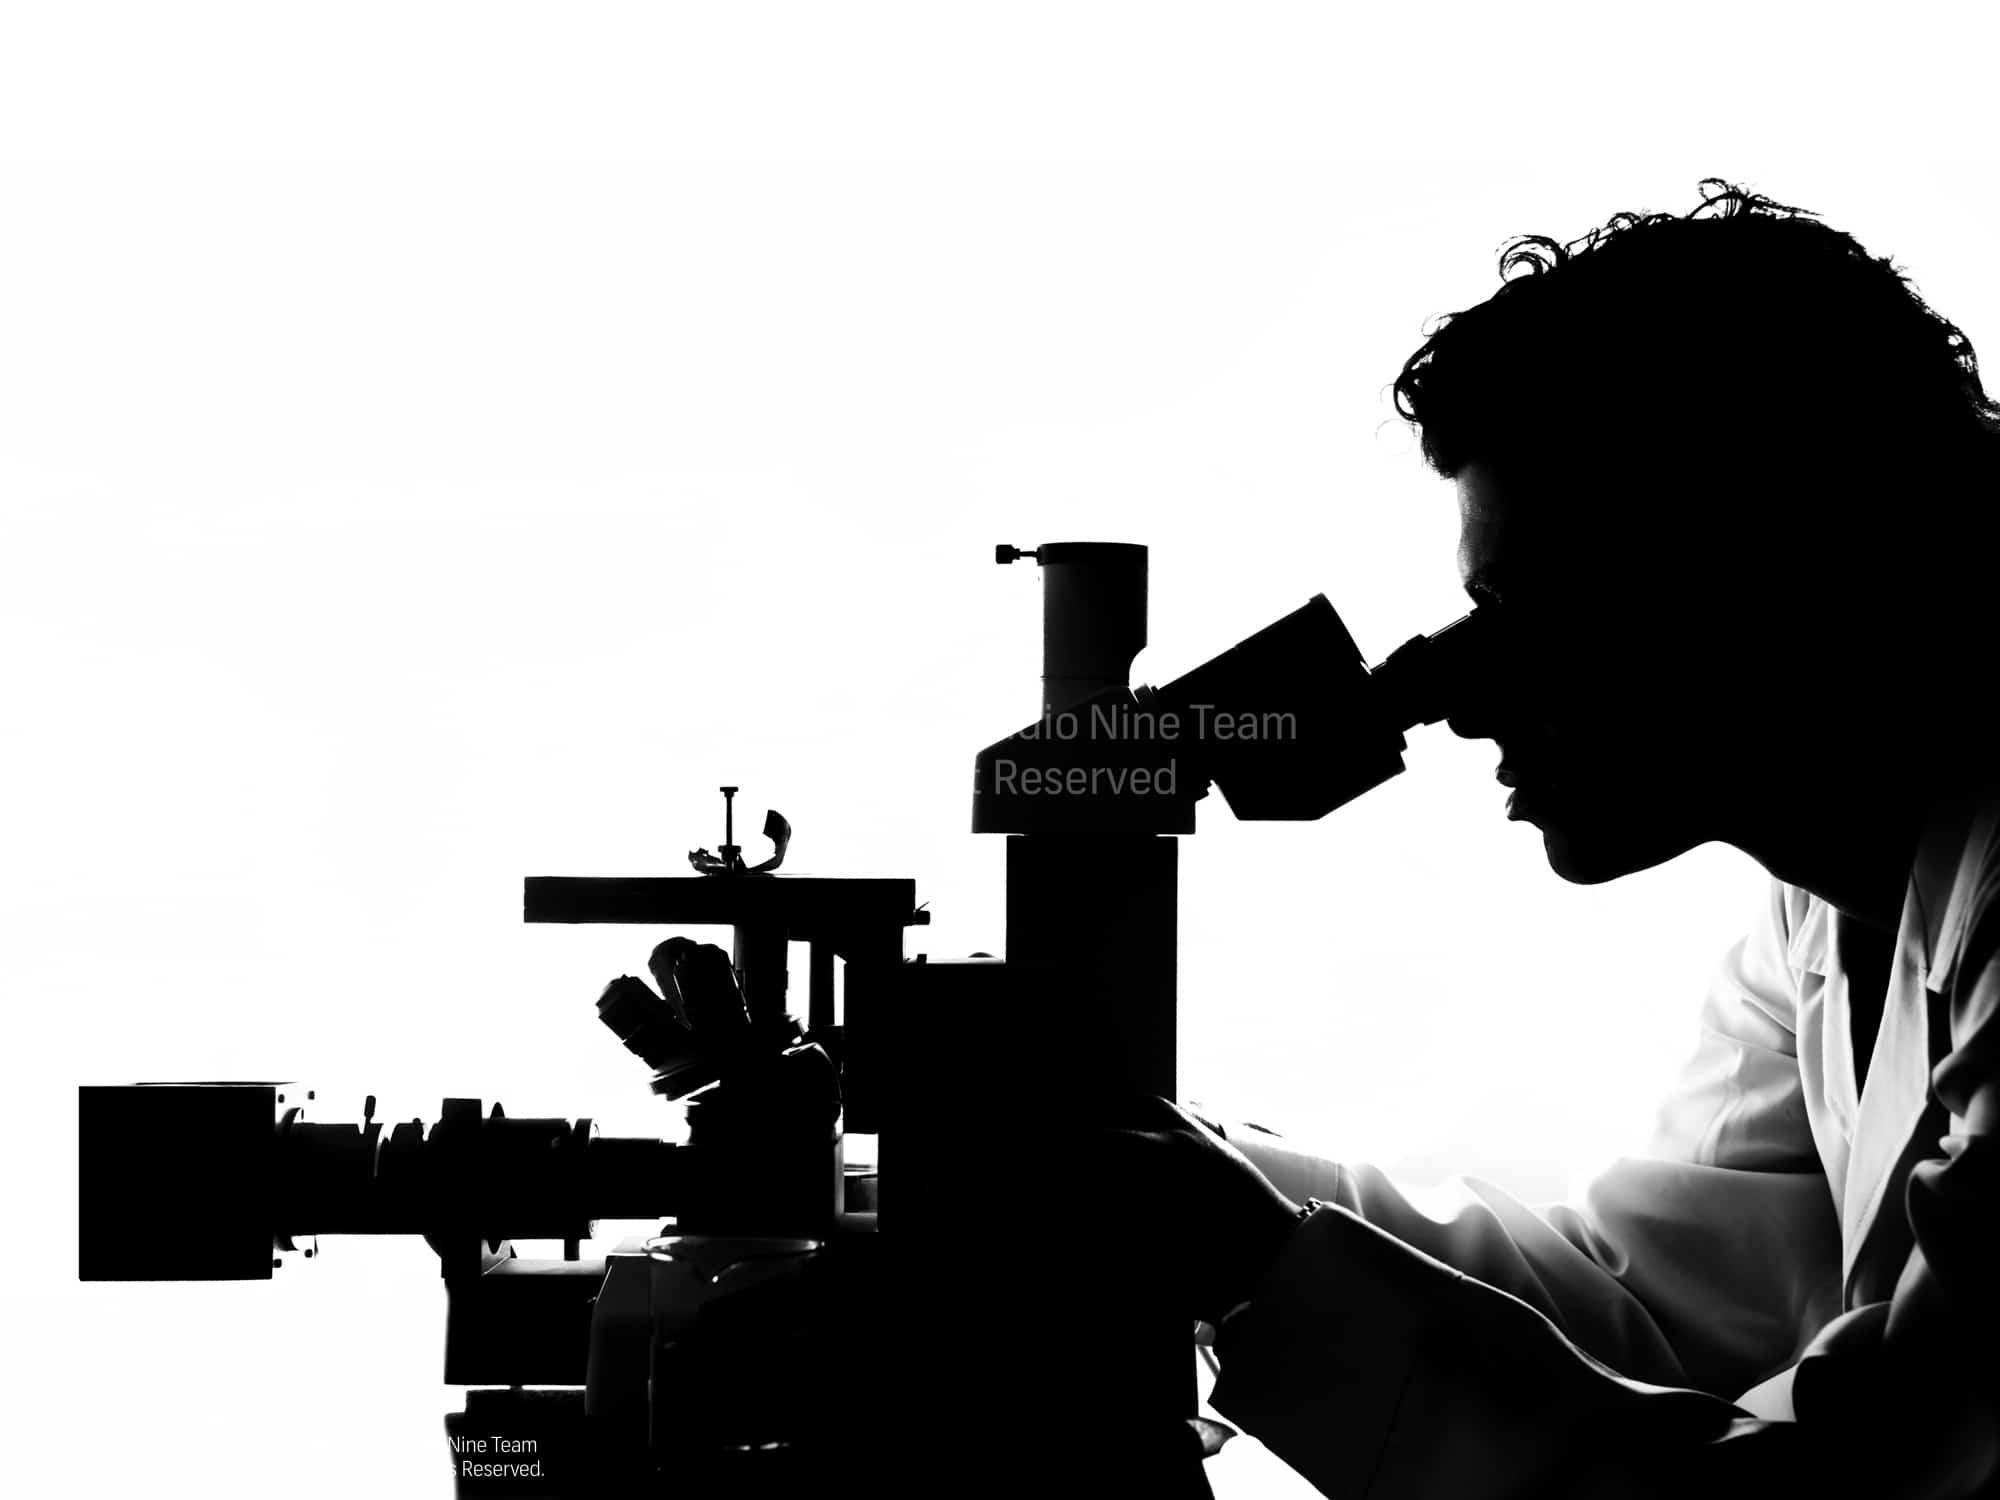 عکاسی سیاه و سفید | تکنیک های عکاسی | دوربین کداک | عکاسی صنعتی | عکاسی تبلیغاتی